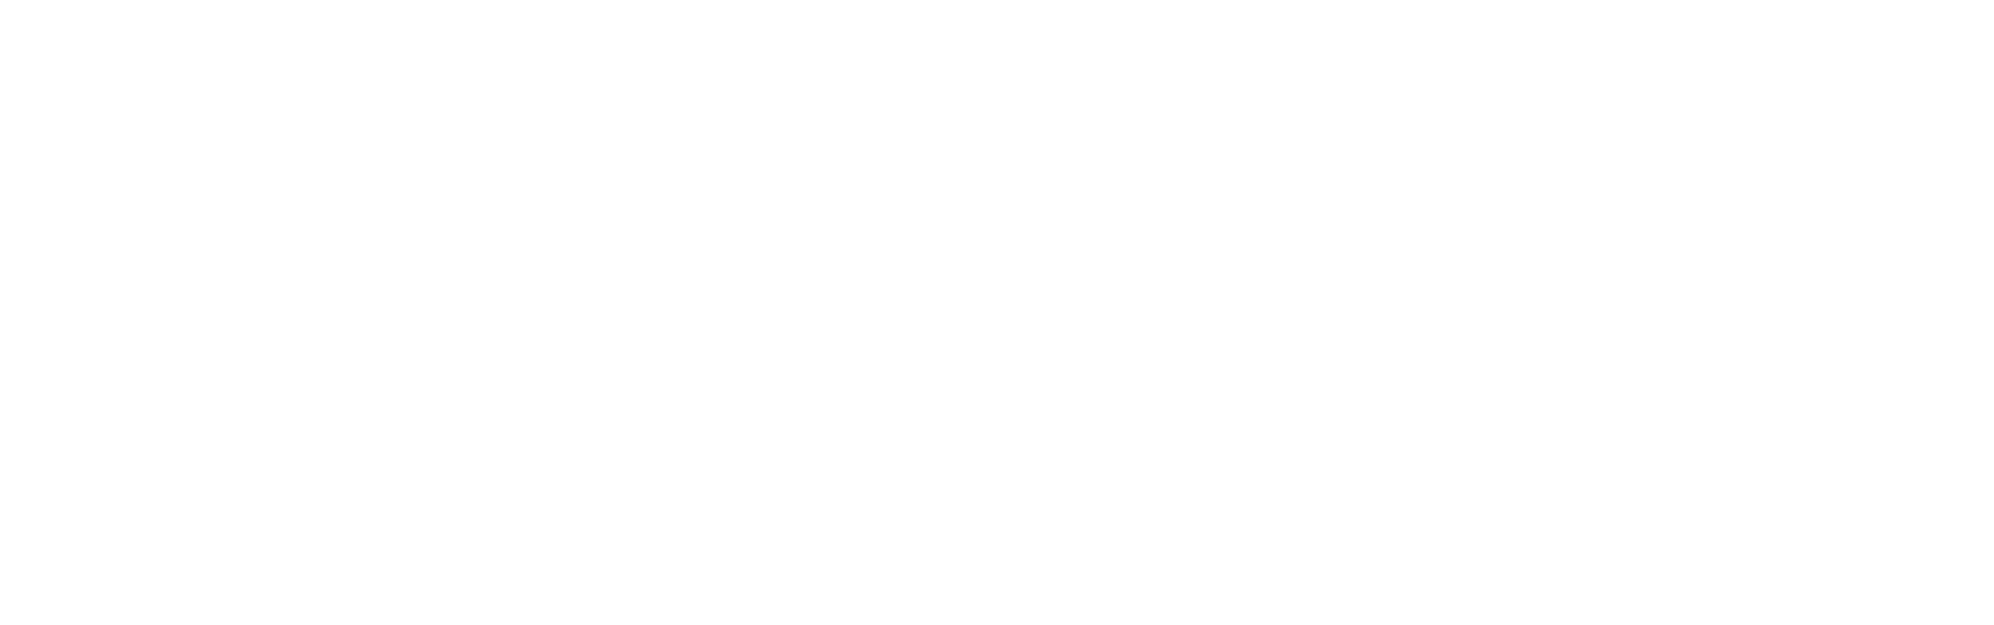 The Prato at Midtown